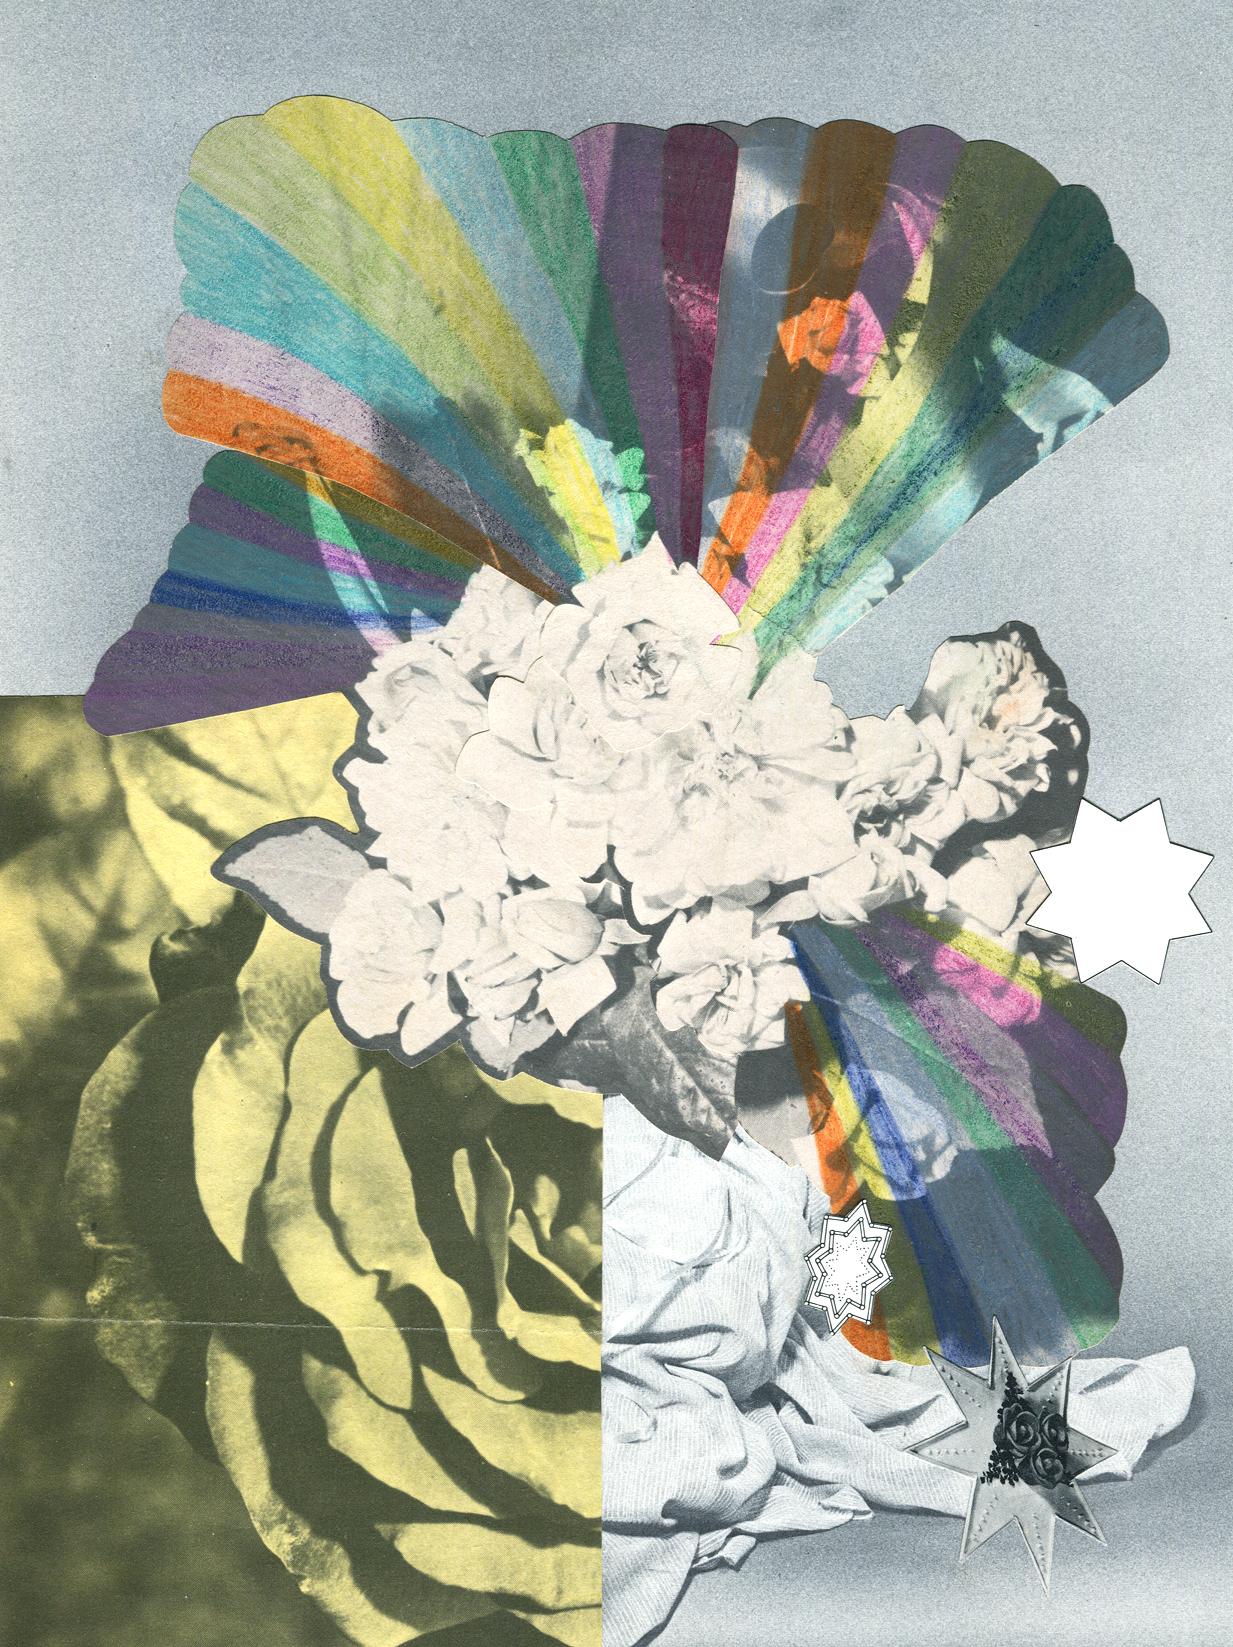 Rainbow Rose Garden #5, collage, found paper, pencil